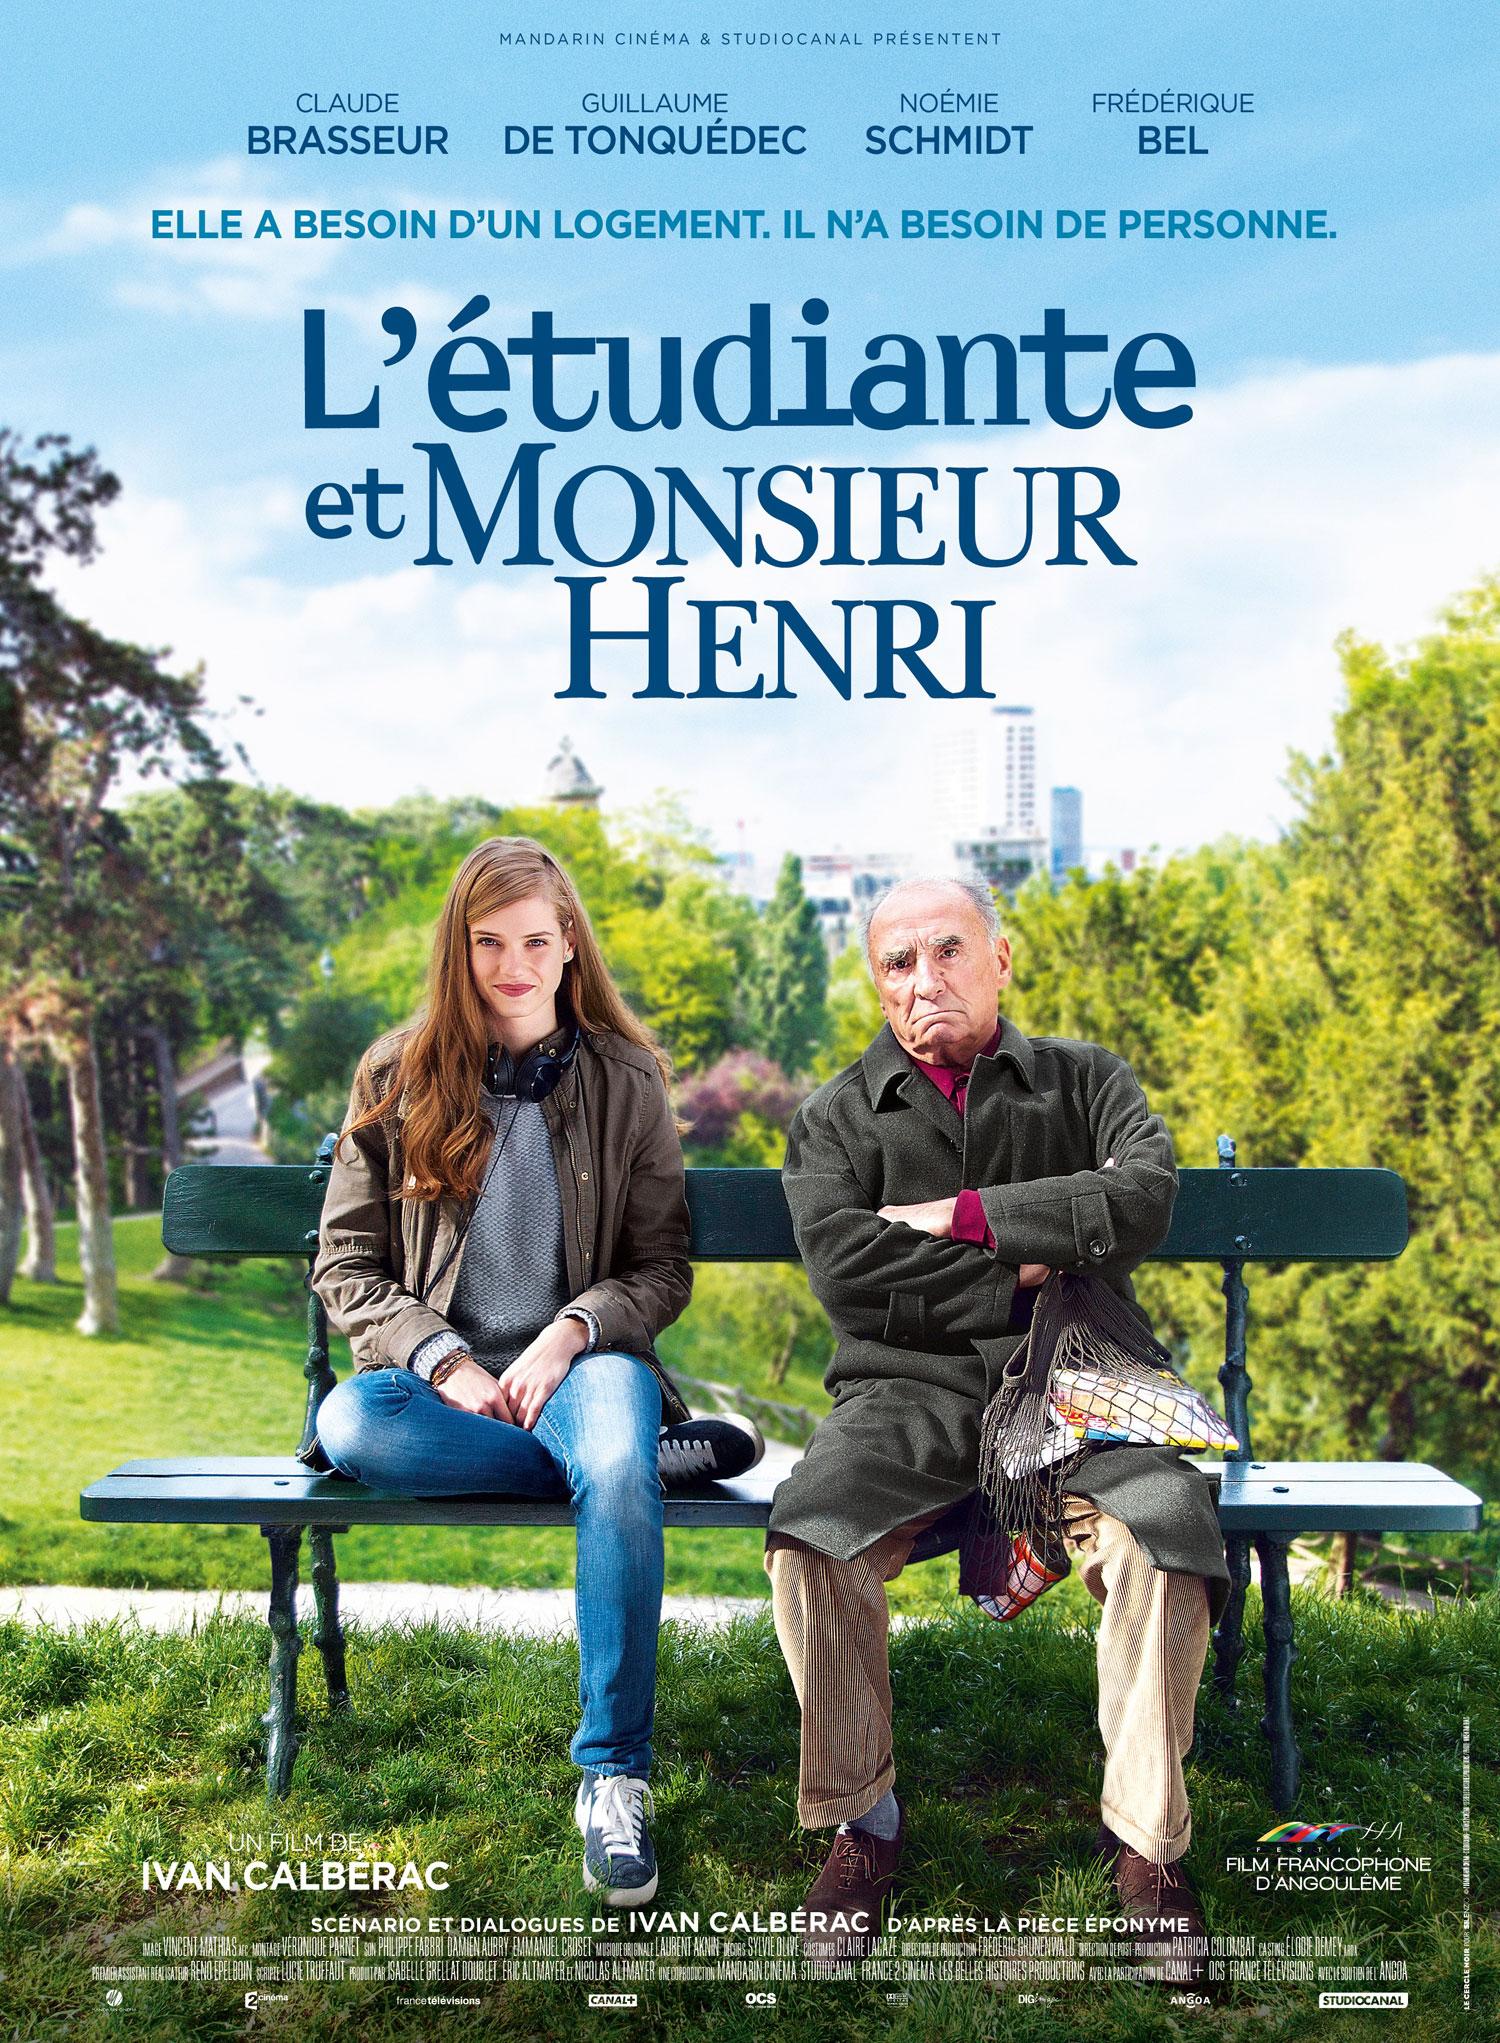 L'Etudiante et Monsieur Henri - Affiche